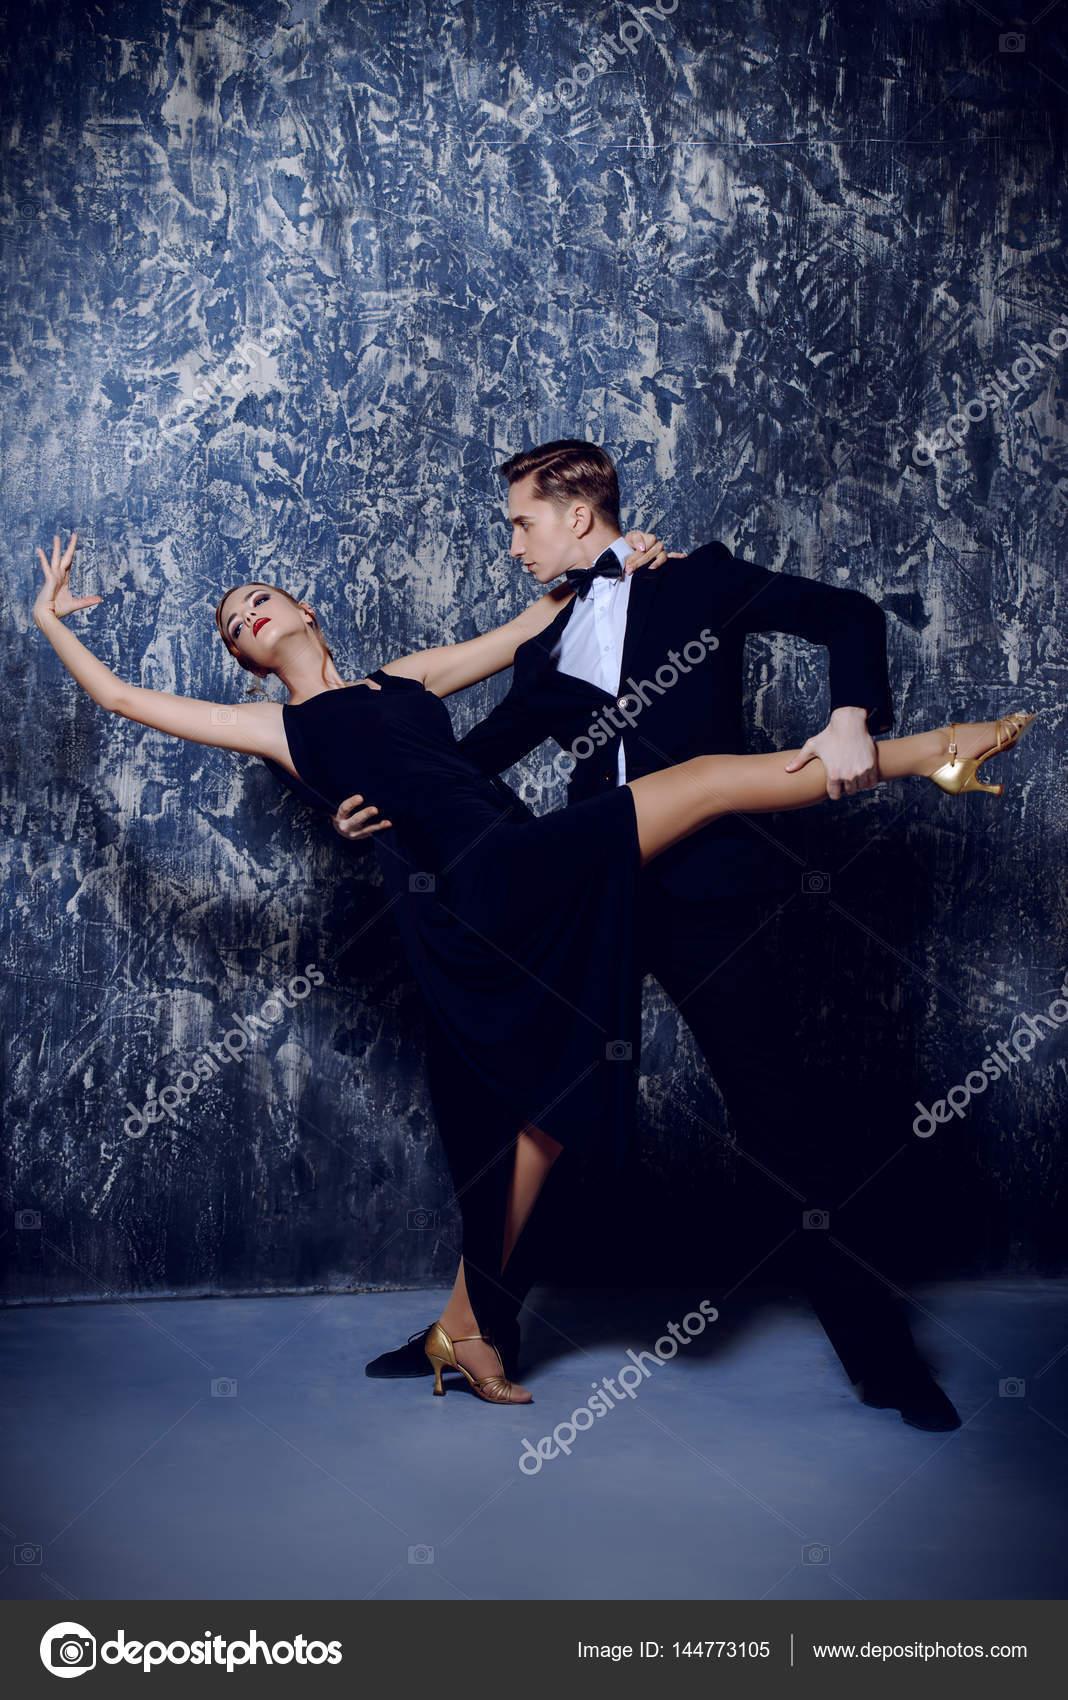 Passionerad tango